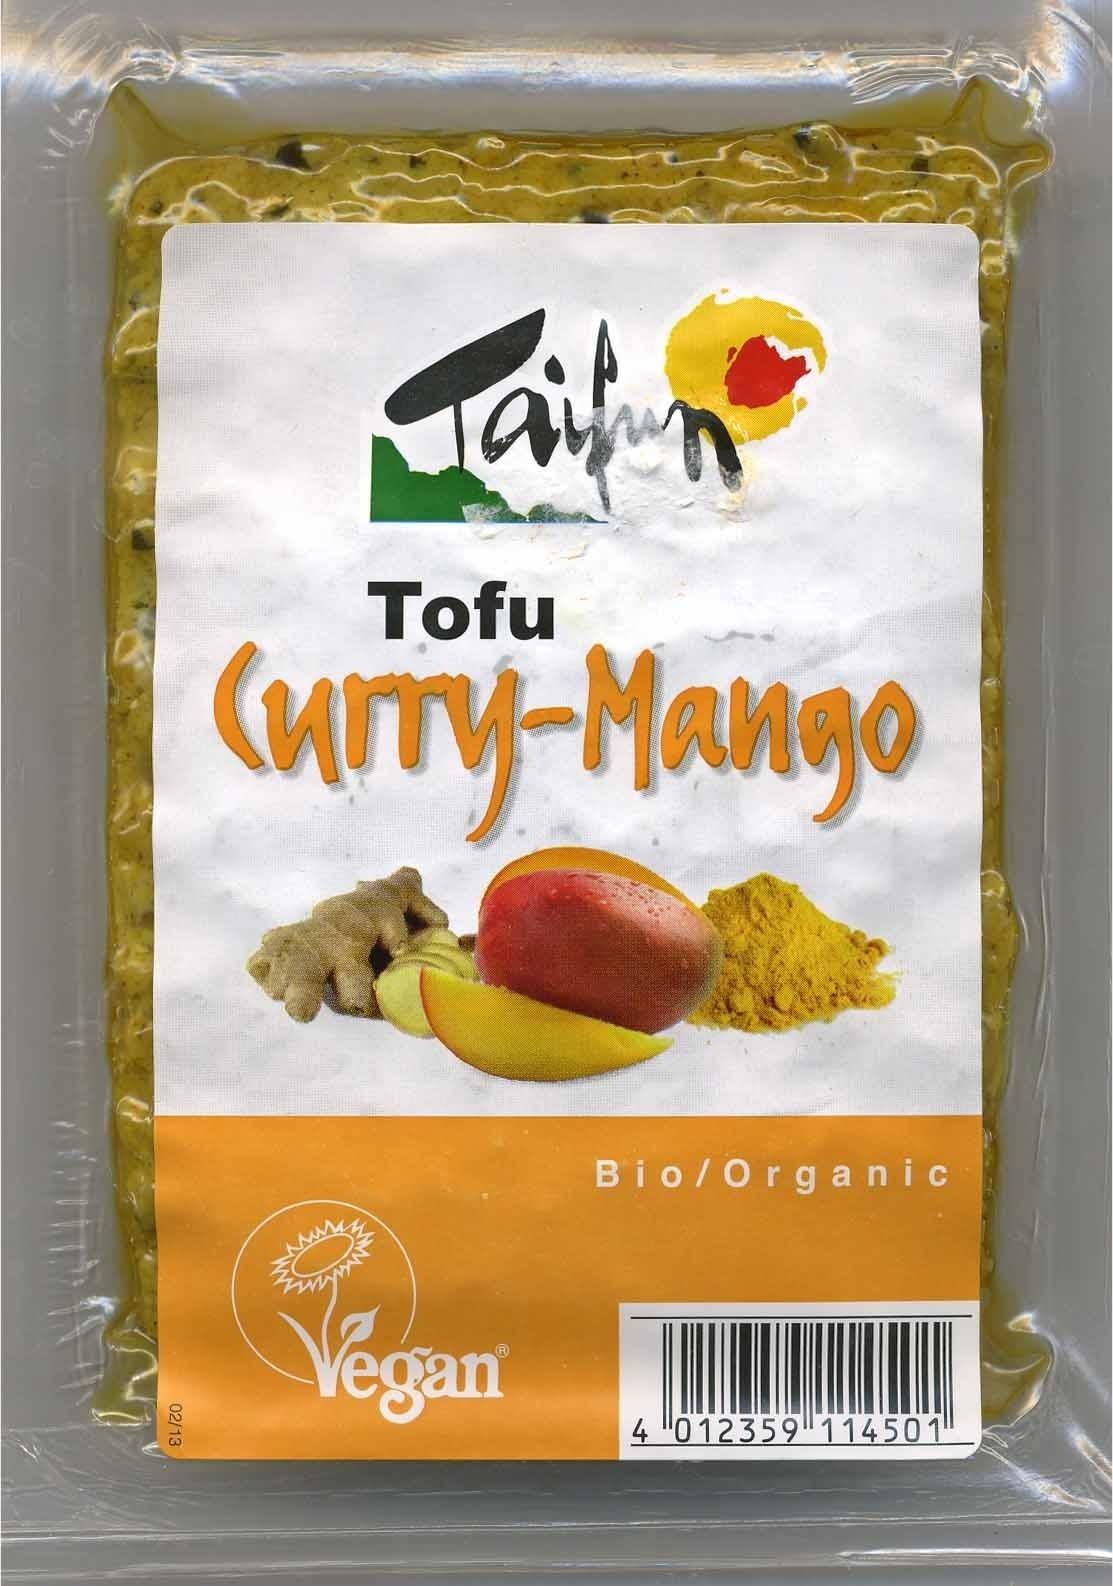 Tofu Curry-Mango - Producto - es